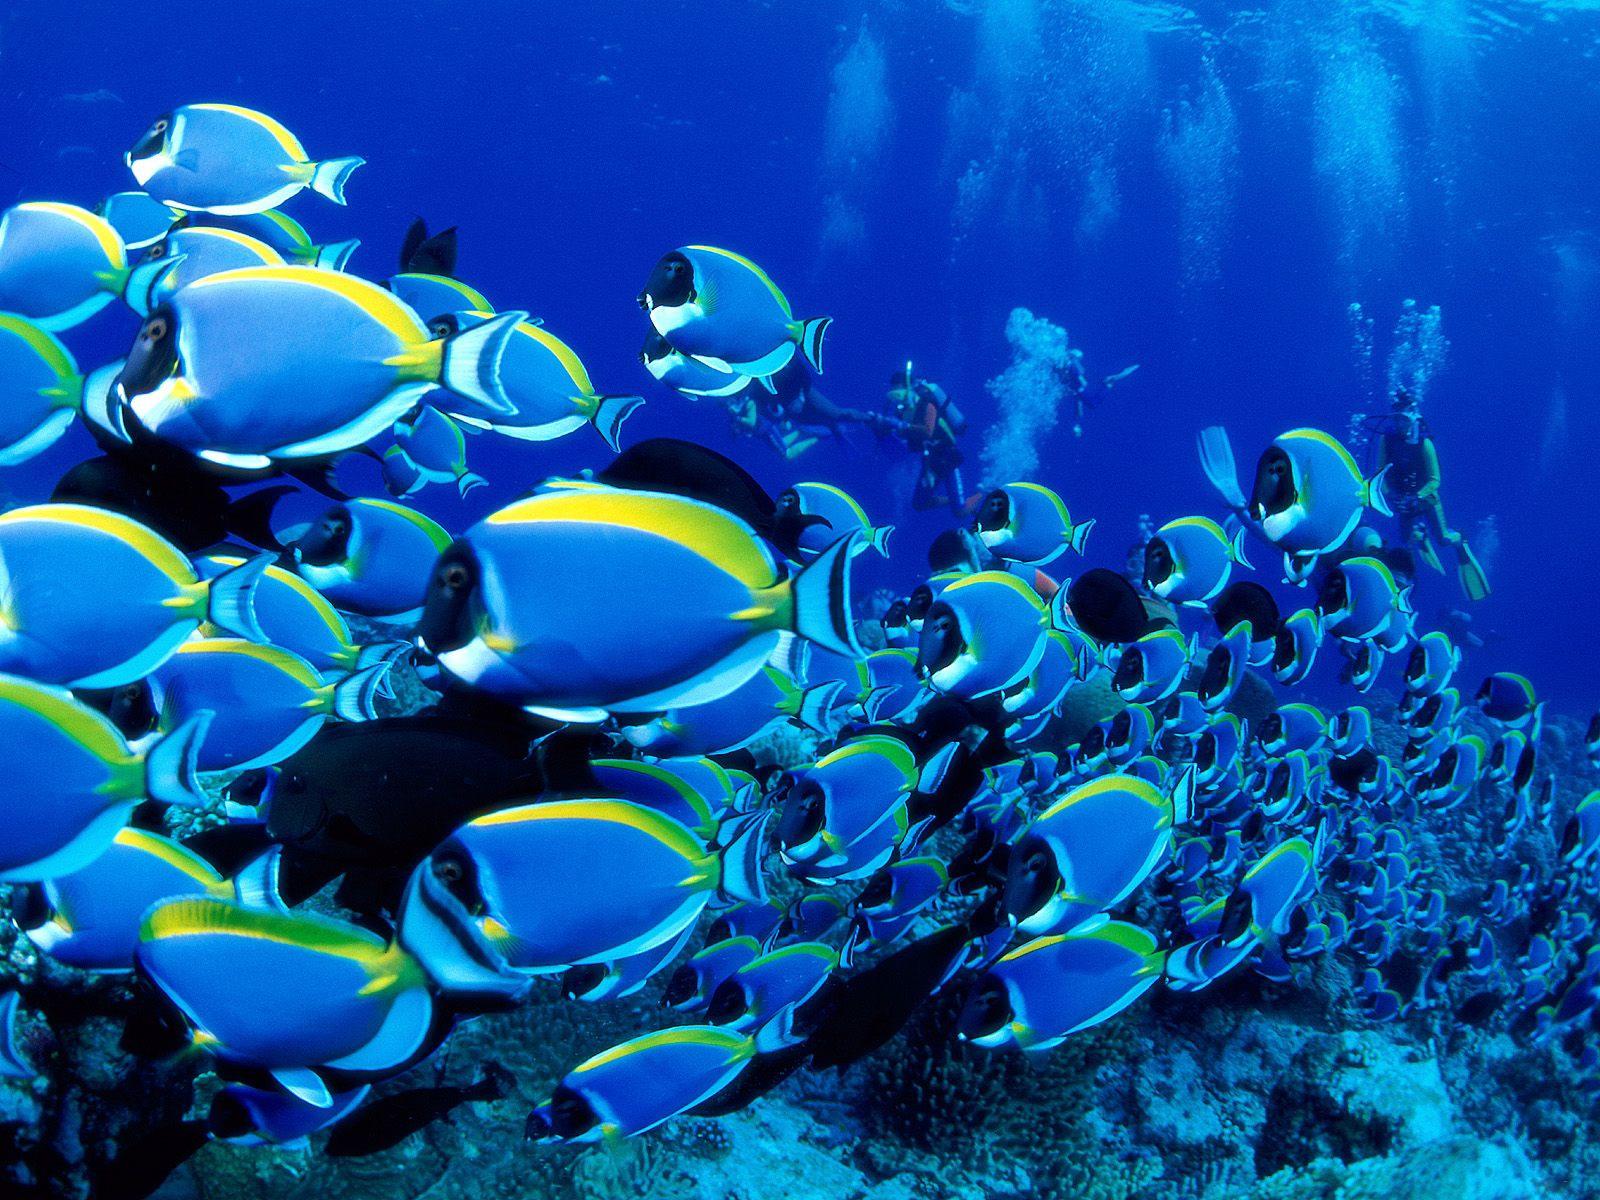 http://2.bp.blogspot.com/-pqgJ8w0-MMI/TrfL7QsqKyI/AAAAAAAAAPY/73fb9BLevHI/s1600/%2528Underwater%2529+-+Wallpapers4Desktop.com+002.jpg